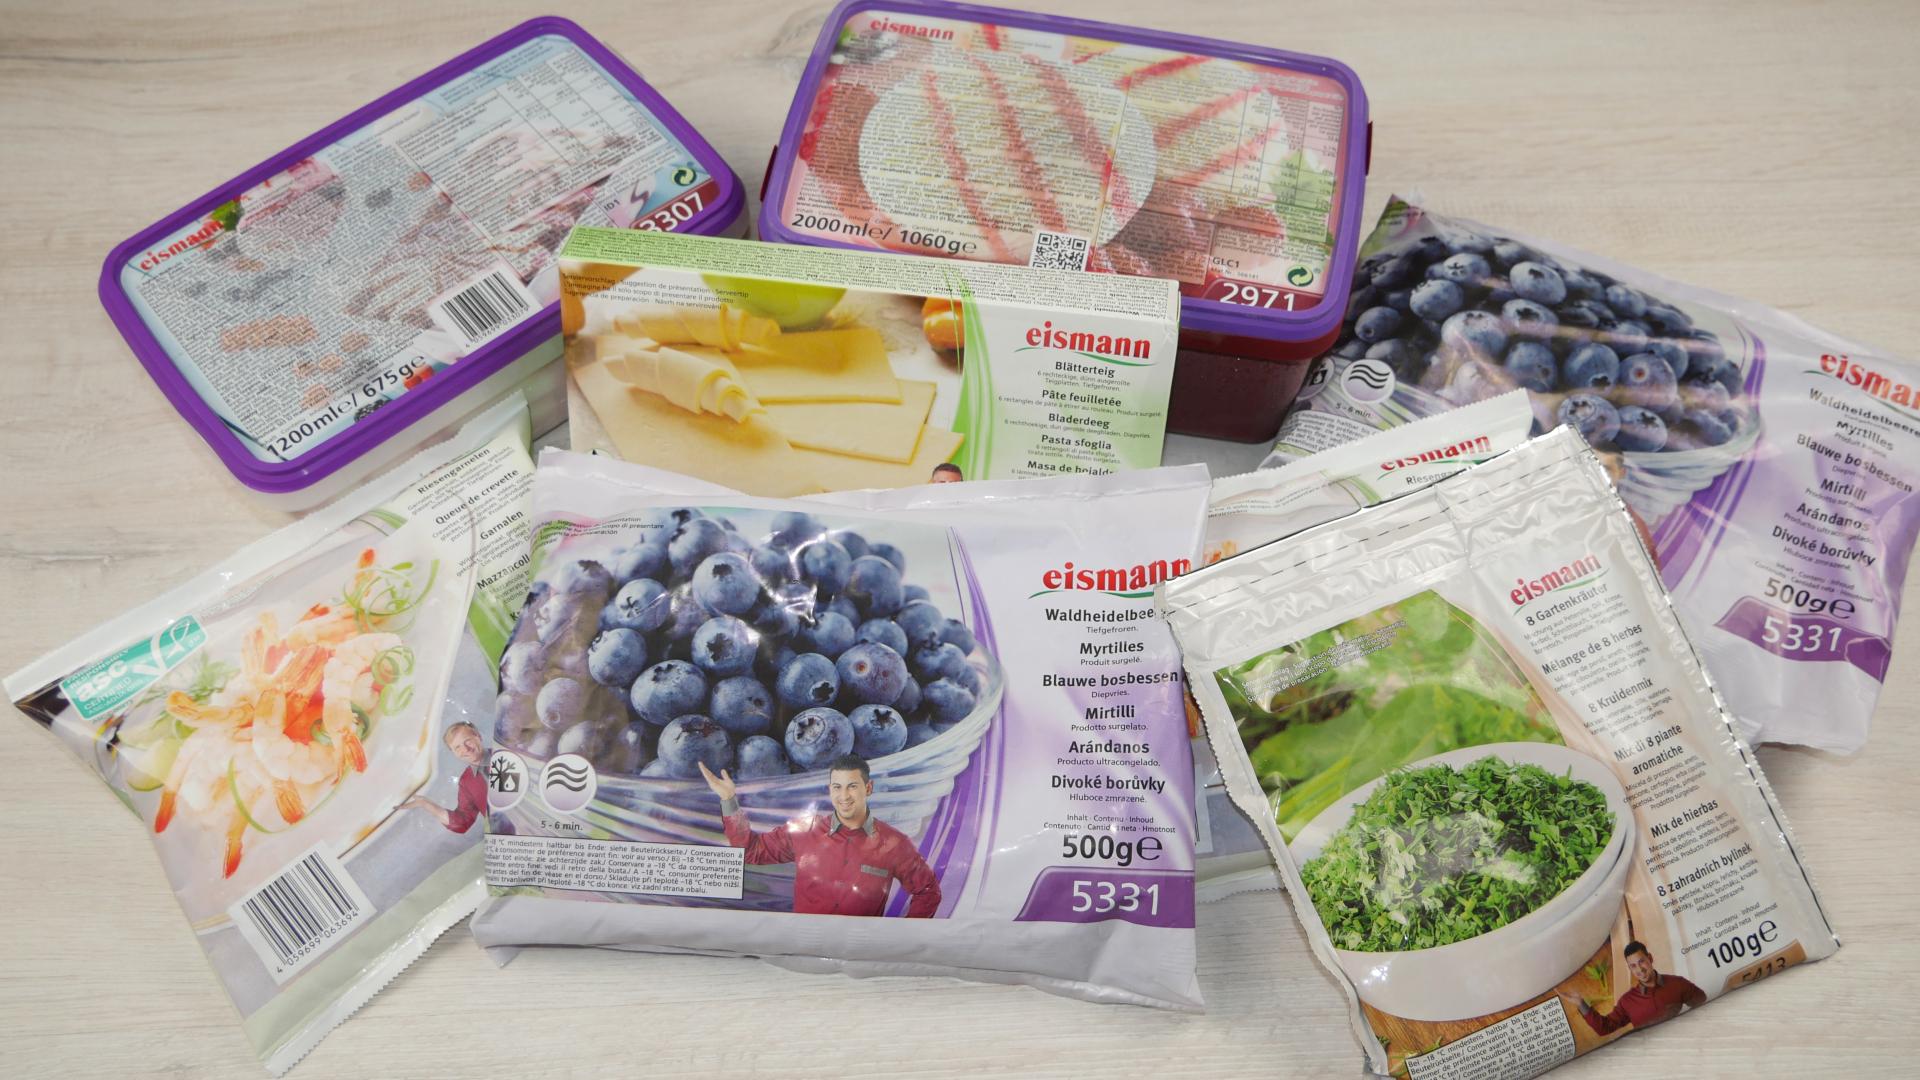 verschiedene eismann Tiefkühlprodukte zur Zubereitung der Blueberry Pie und der Tartelets